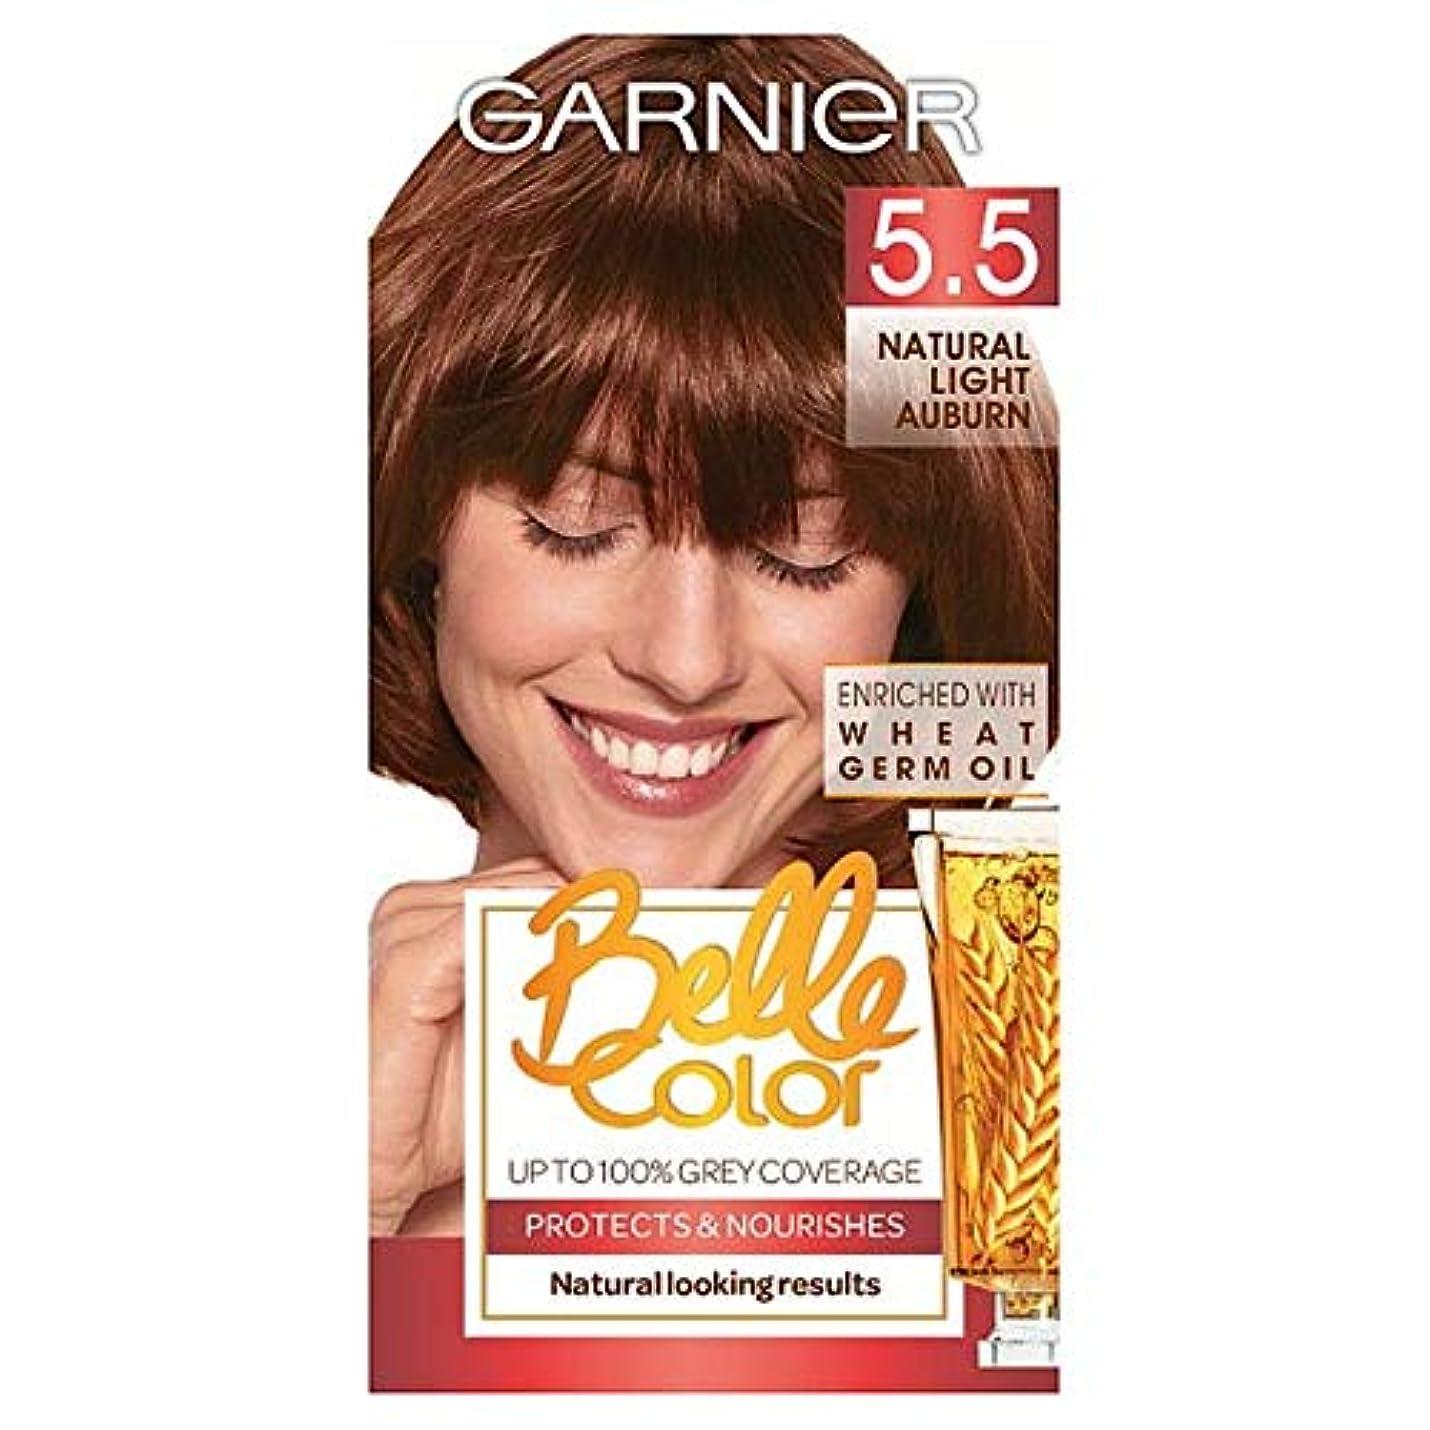 アーティキュレーション遊具潜む[Belle Color] ガーン/ベル/Clr 5.5自然光赤褐色パーマネントヘアダイ - Garn/Bel/Clr 5.5 Natural Light Auburn Permanent Hair Dye [並行輸入品]